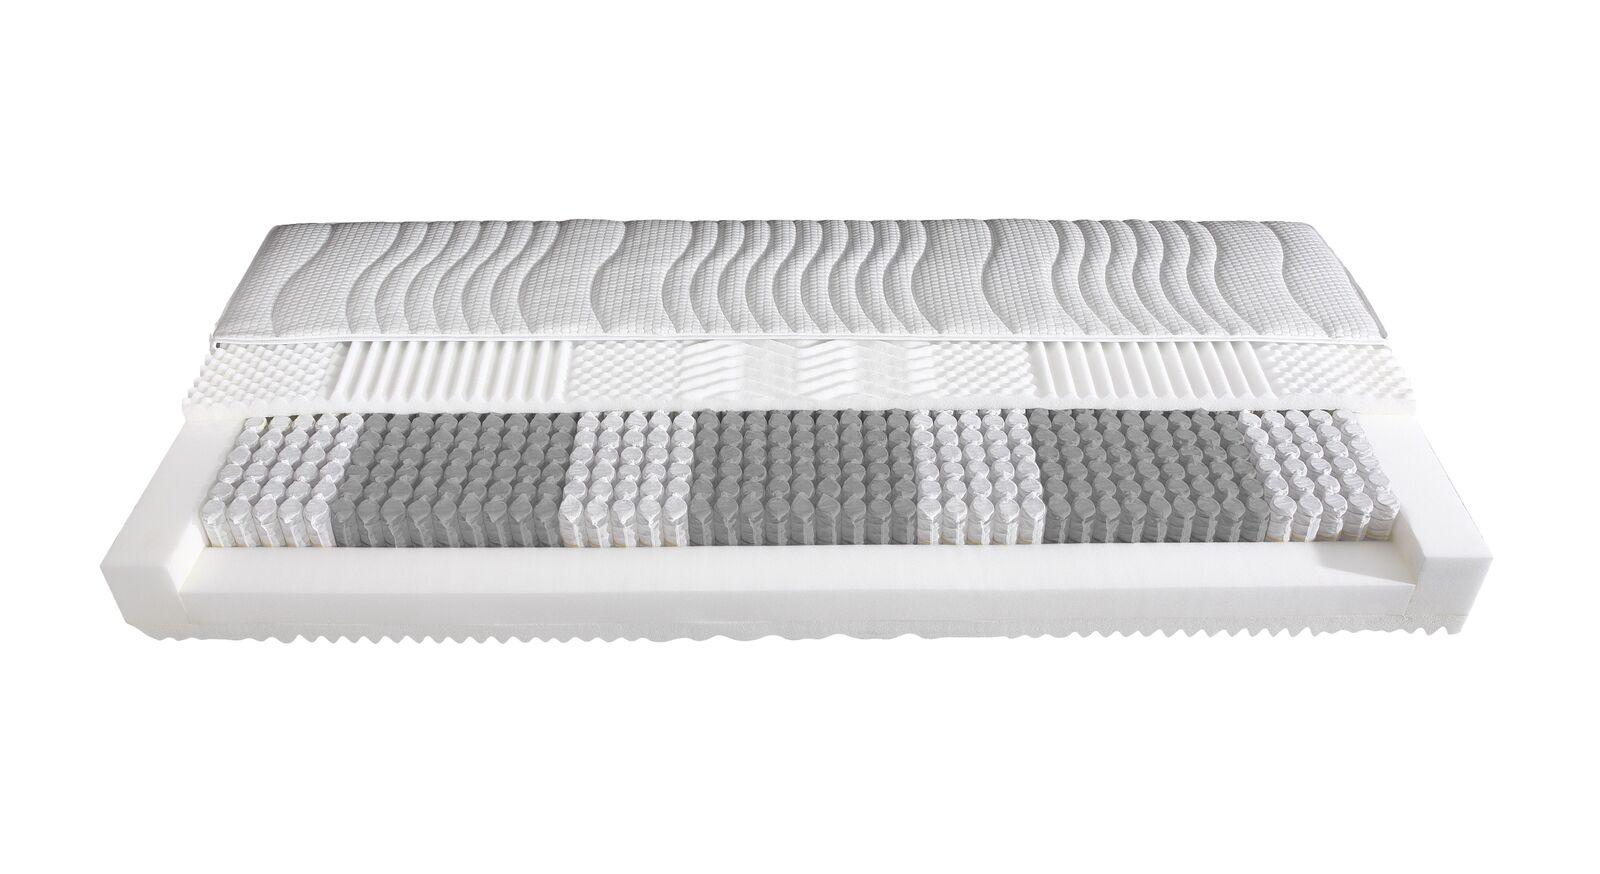 Taschenfederkern-Matratze Minea mit 7 Zonen